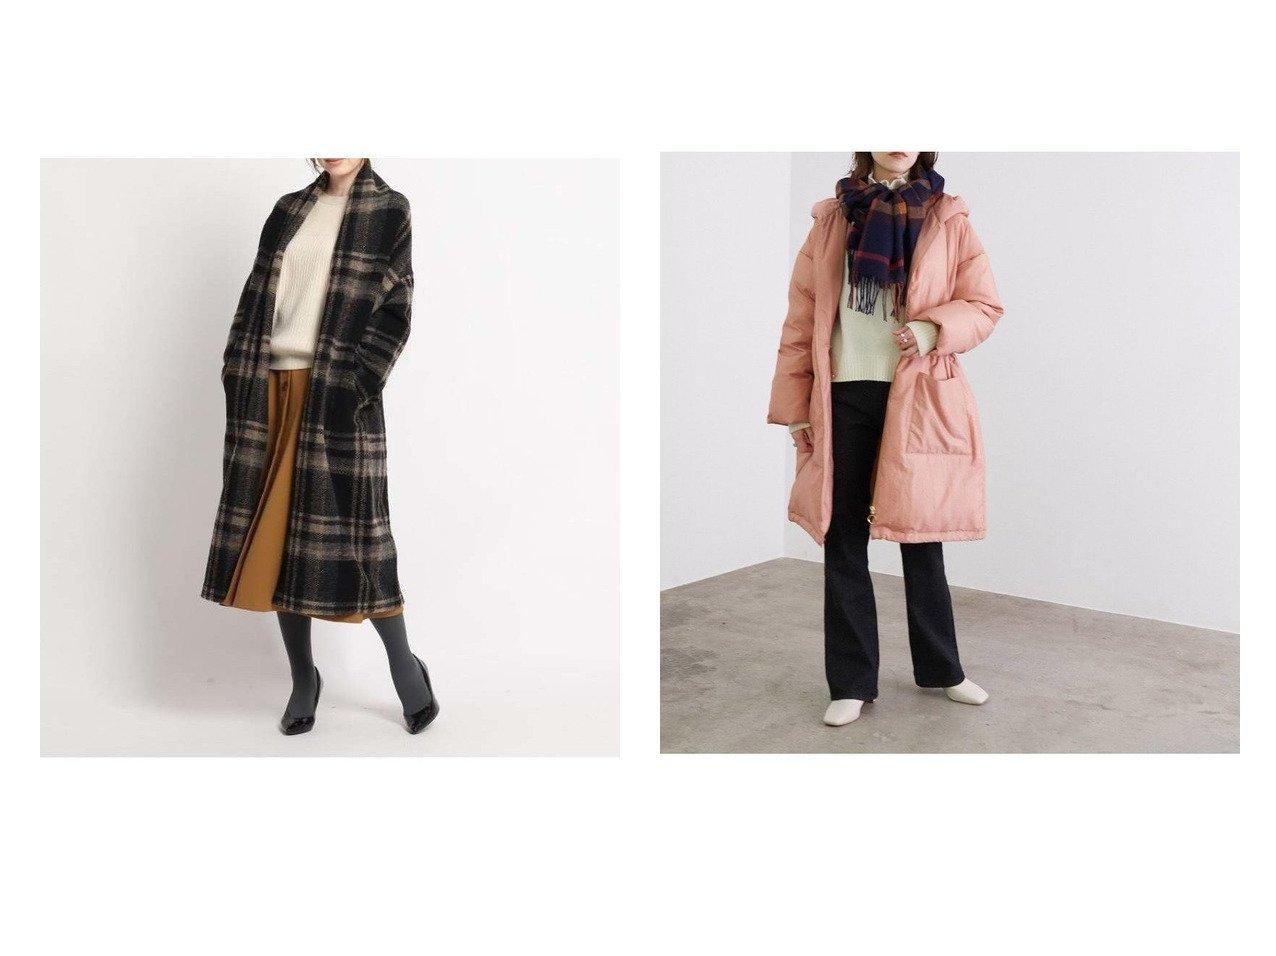 【ROPE' mademoiselle/ロペ マドモアゼル】の【Green Down】フーテッドコート&【SunaUna/スーナウーナ】のエアリーチェックノーカラーコート アウターのおすすめ!人気、レディースファッションの通販  おすすめで人気のファッション通販商品 インテリア・家具・キッズファッション・メンズファッション・レディースファッション・服の通販 founy(ファニー) https://founy.com/ ファッション Fashion レディース WOMEN アウター Coat Outerwear コート Coats ジャケット Jackets ノーカラージャケット No Collar Leather Jackets イタリア ジャケット チェック フロント ロング 羽織 シンプル ダウン ドローコード フェミニン |ID:crp329100000003313